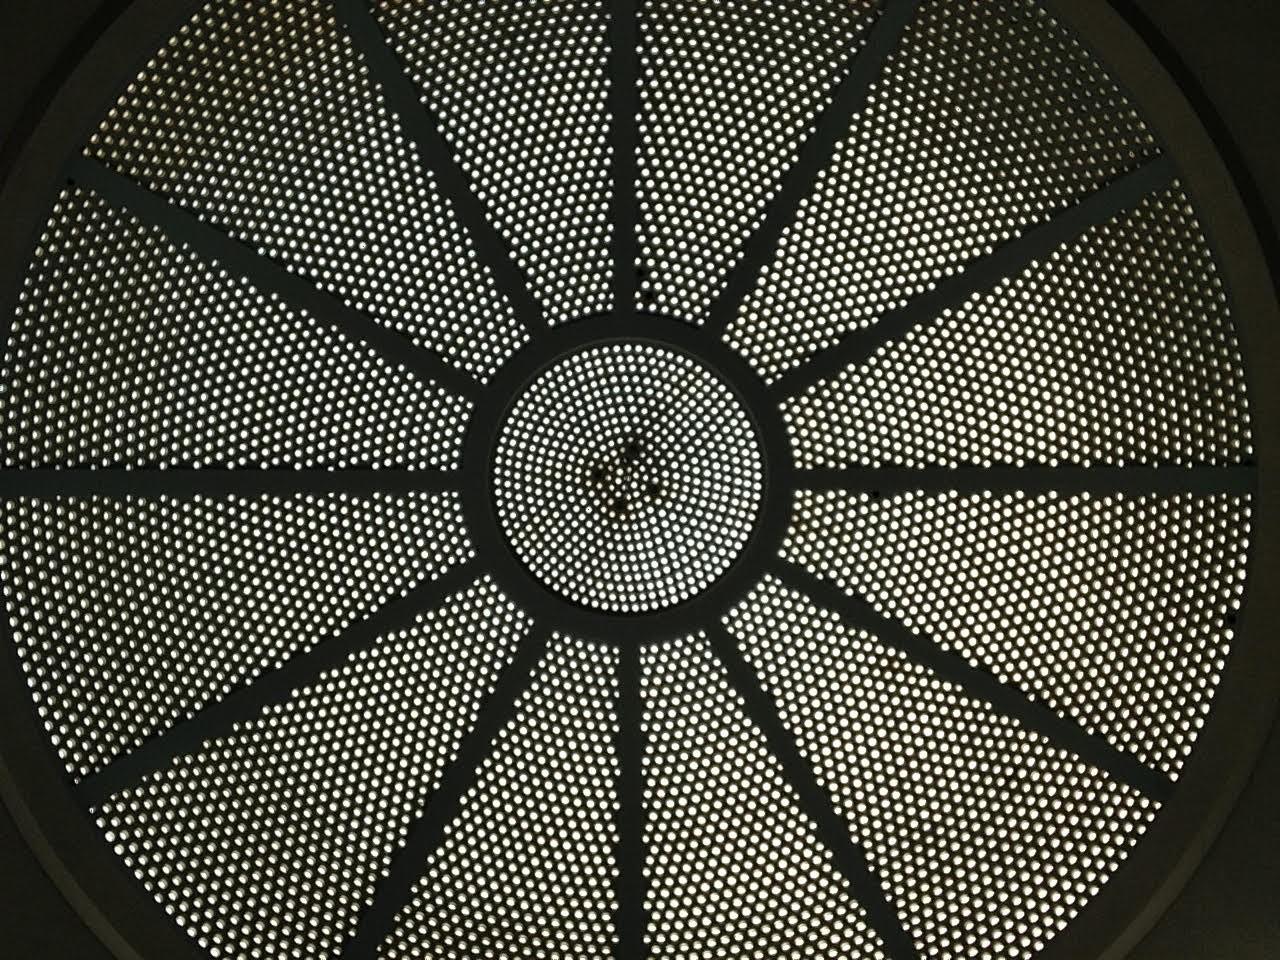 Vedut dall'interno della volta dell'ex palazzo delle Poste di Bari, ora edificio polifunzionale dell'Università degli Studi Aldo Moro - simmetria